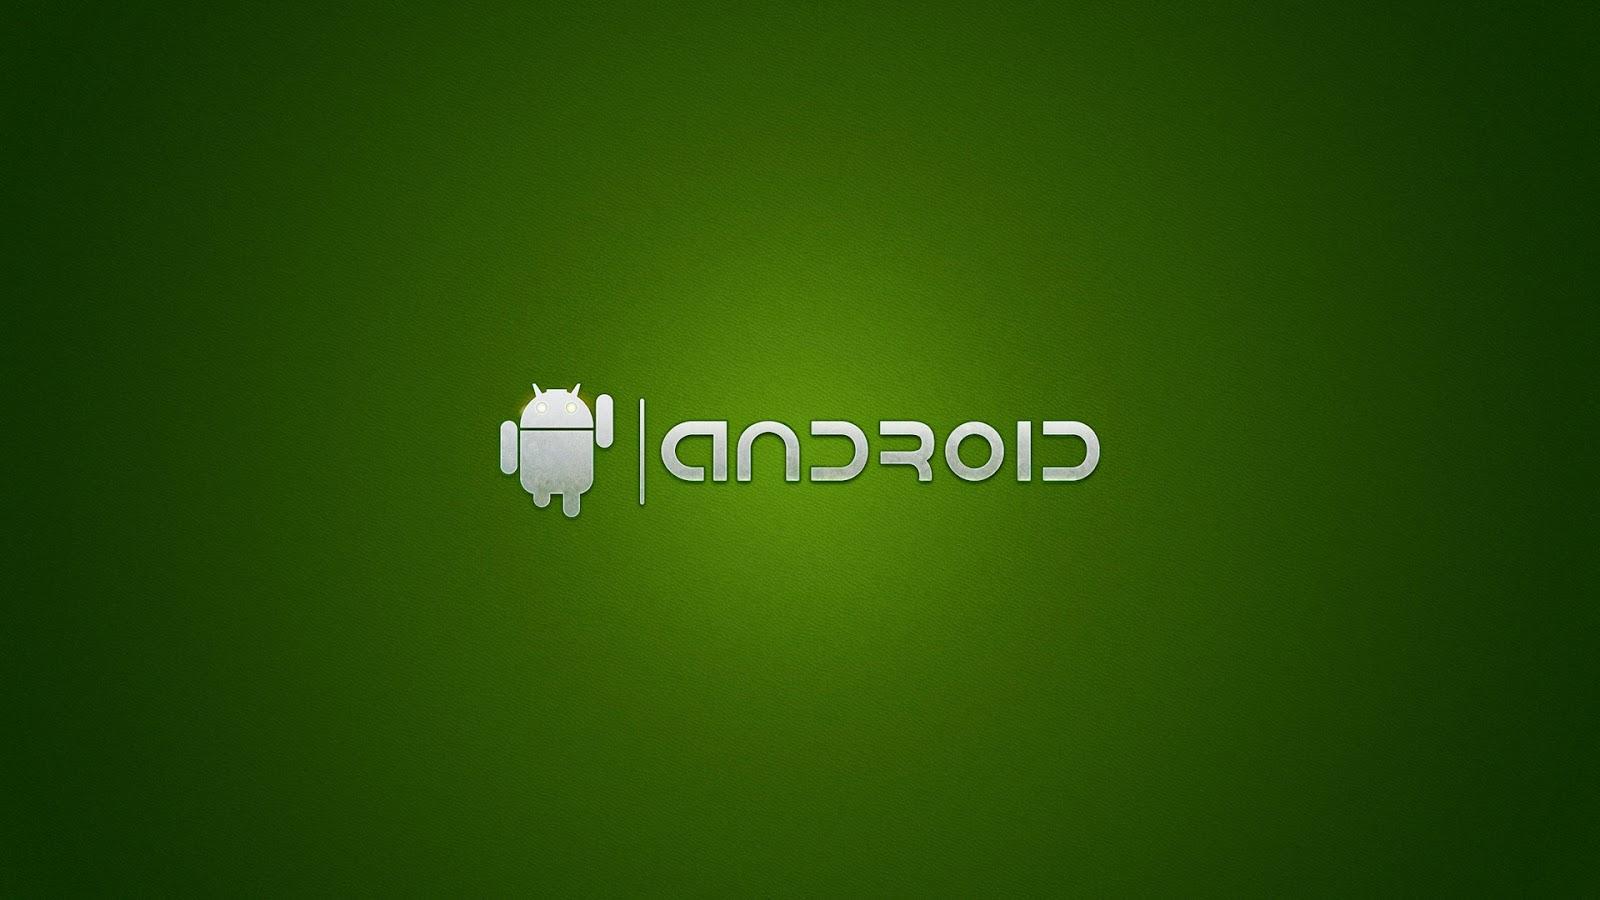 تعرف على نظام أندرويد الجديد الذي تعمل جوجل على تطويره